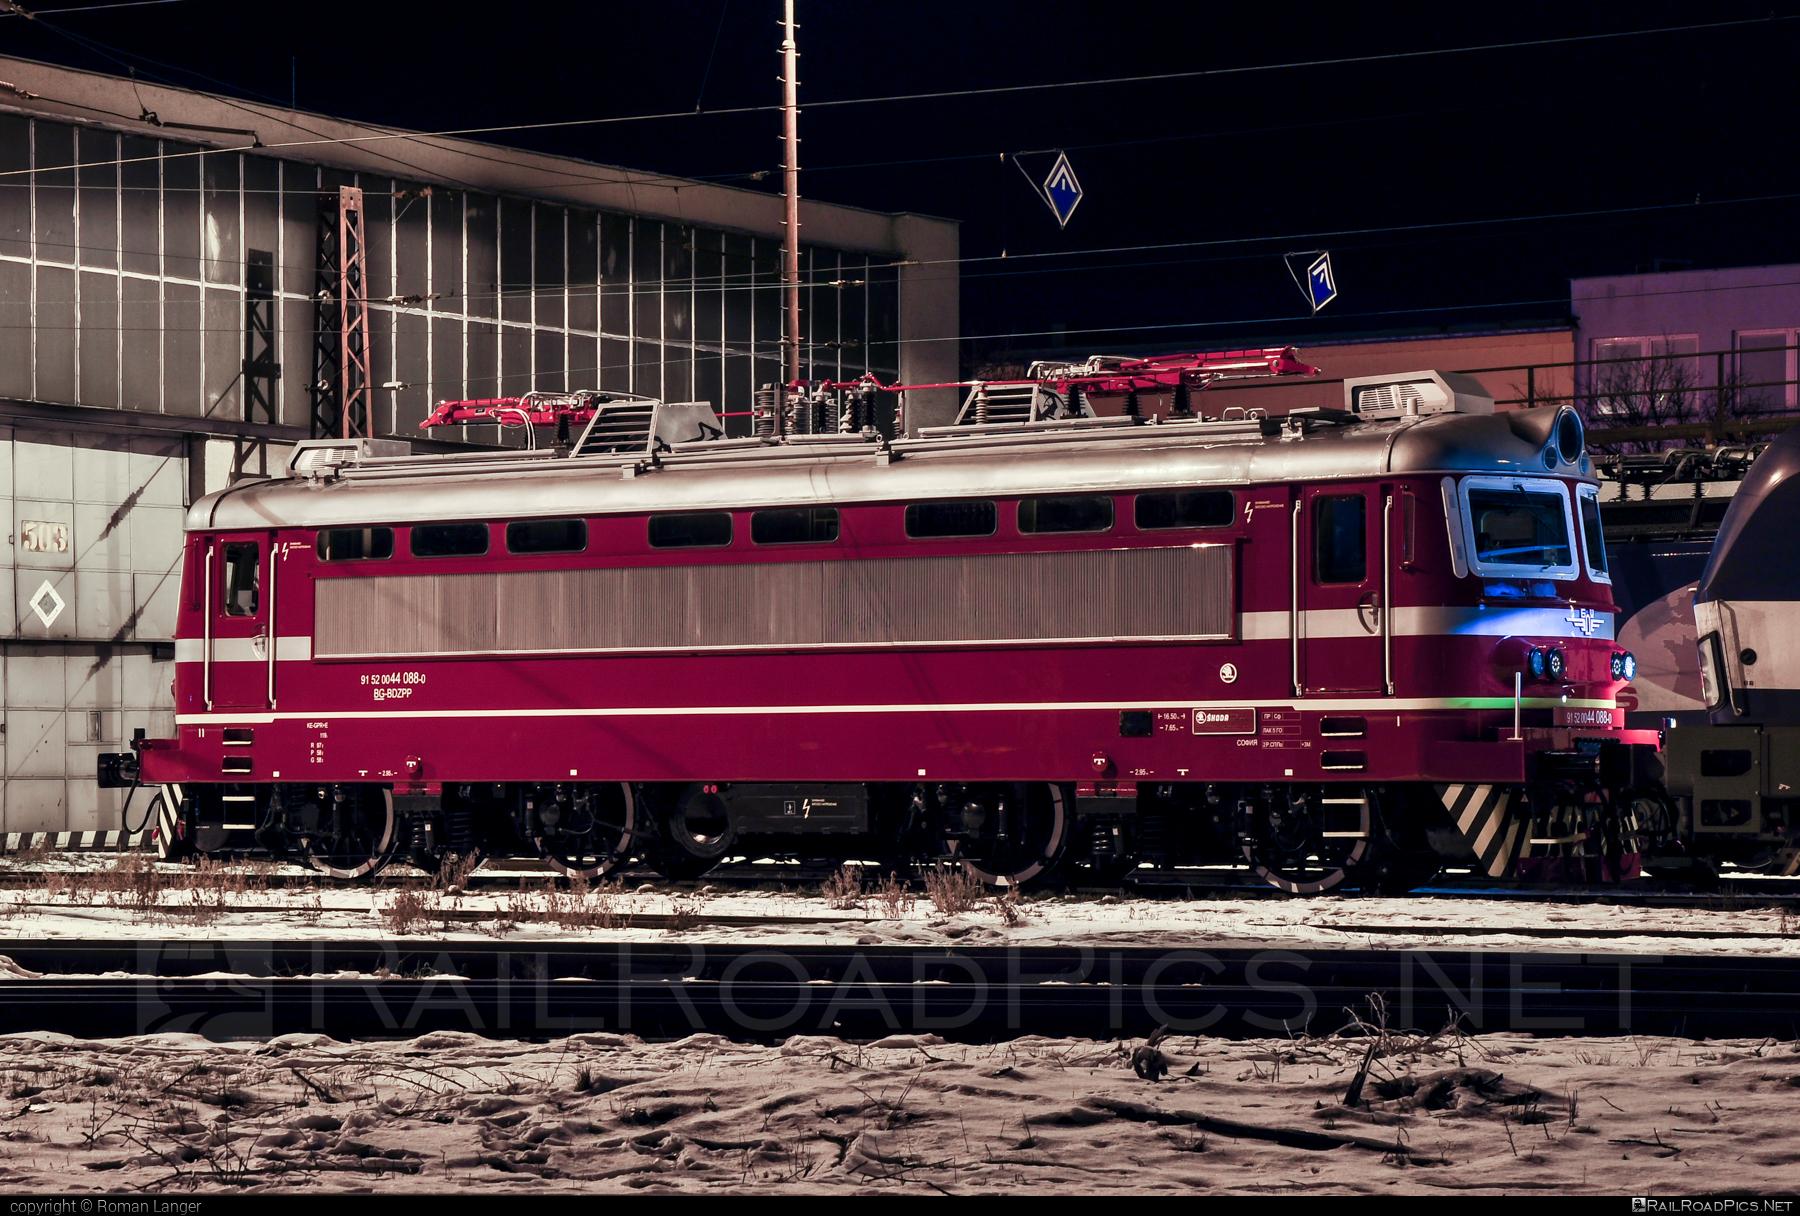 Škoda 68E - 044 088-0 operated by BDŽ Putnicheski Prevozi EOOD (БДЖ -Пътнически превози ЕOOД) #BDZclass44 #BDZputnicheskiPrevozi #BDZputnicheskiPrevoziEOOD #bdz #bdzpp #plechac #skoda #skoda68E #БДЖ #БДЖПП #БДЖпътническиПревози #БДЖпътническиПревозиЕOOД